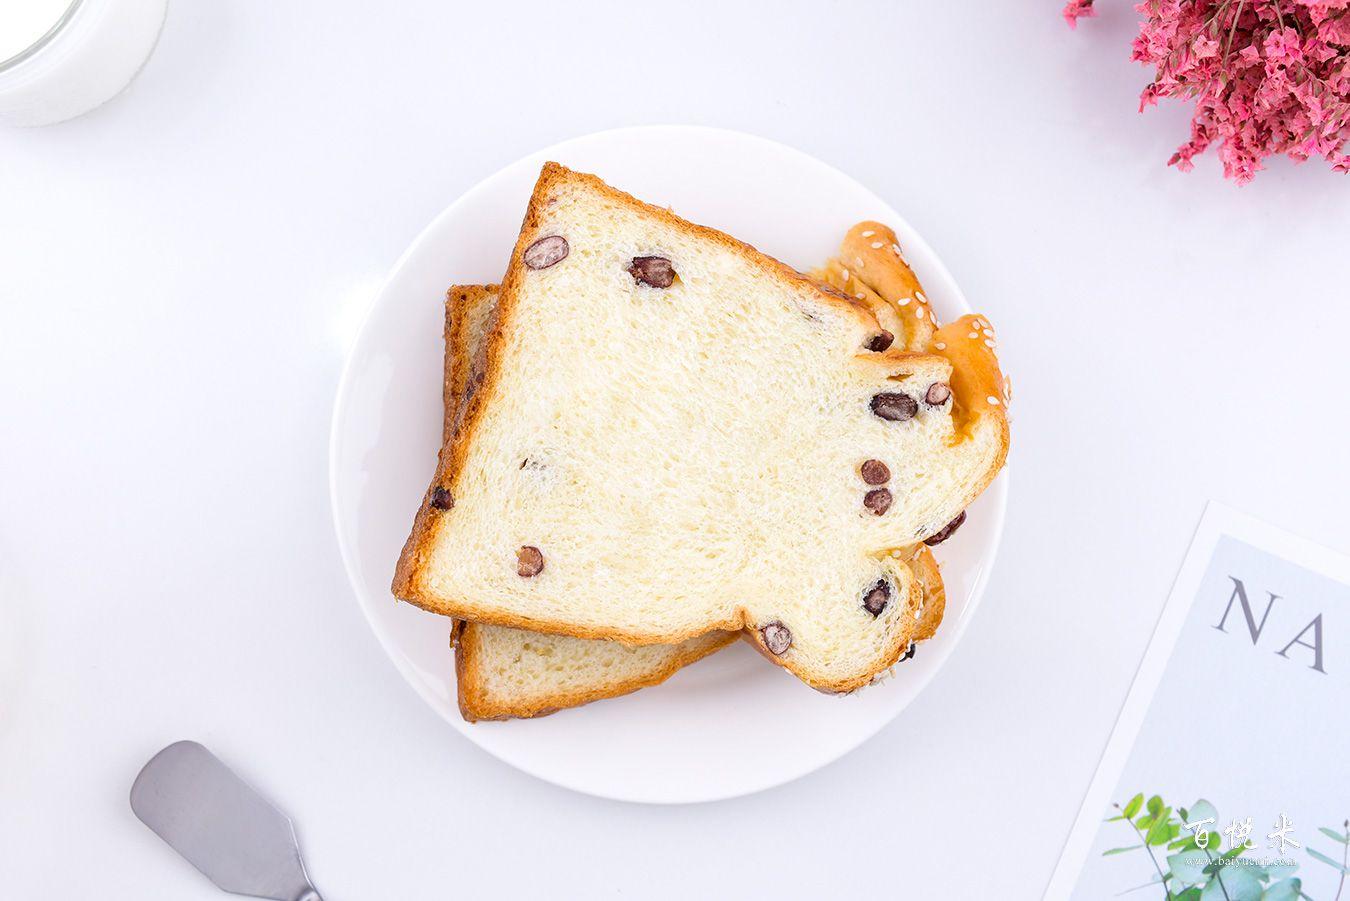 红豆吐司的高清图片大全【蛋糕图片】_308